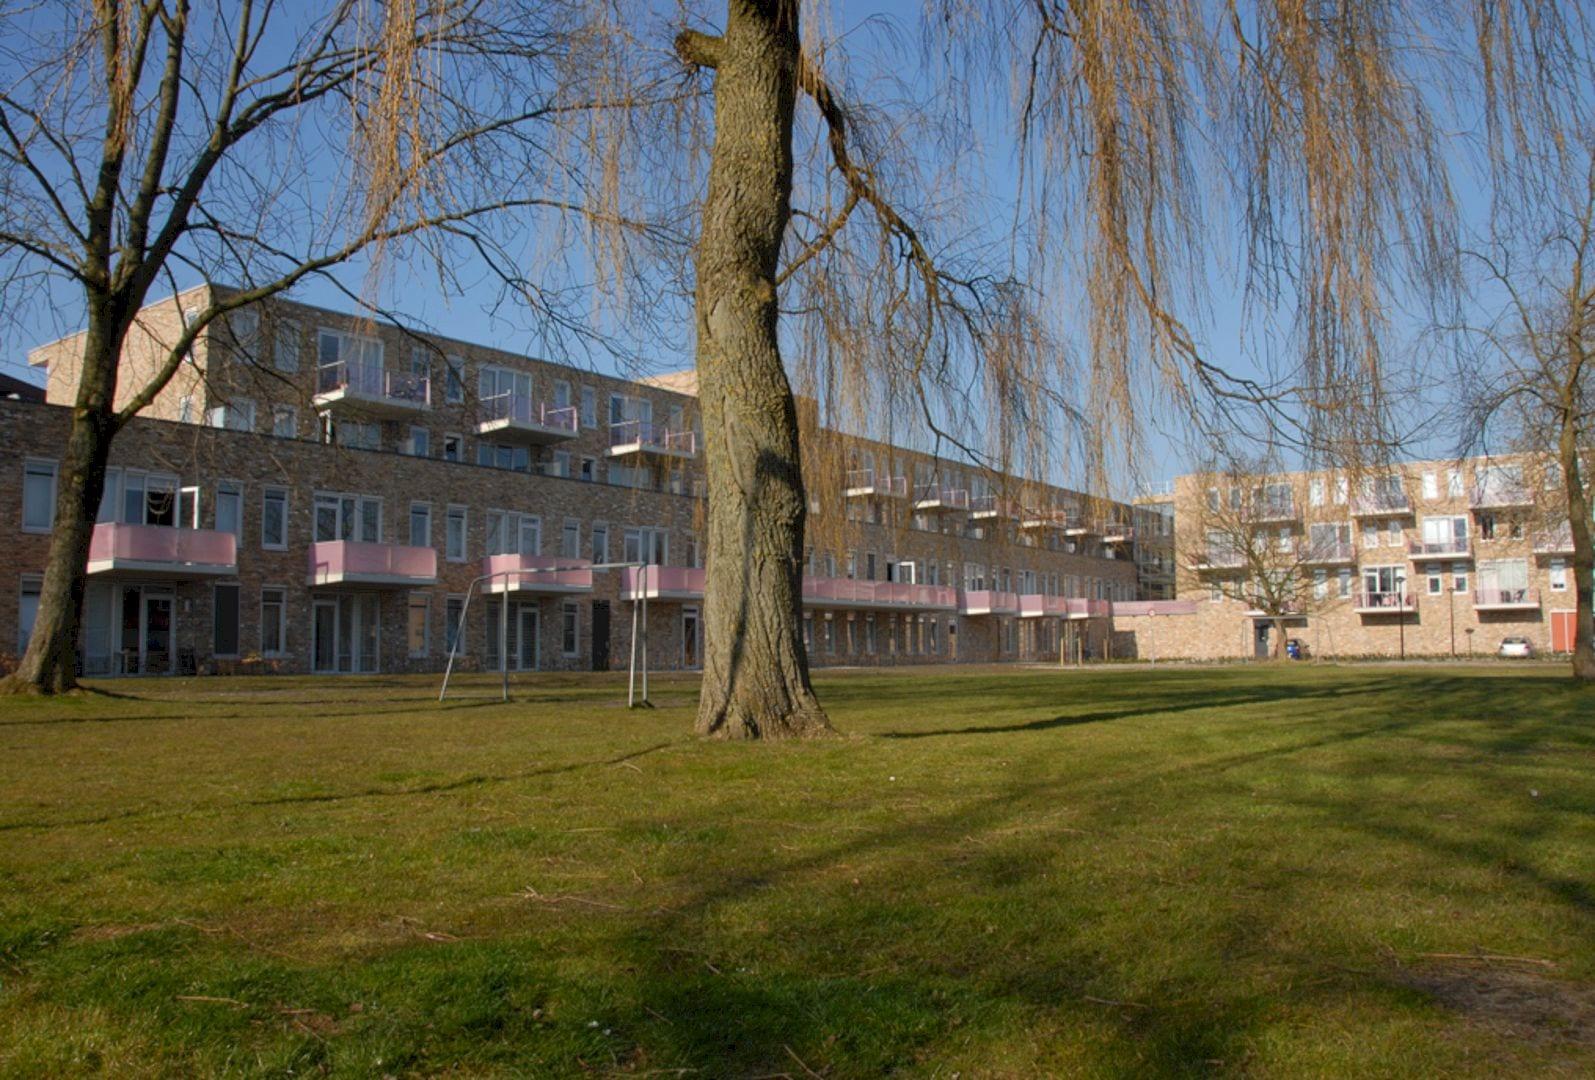 Apartments Tamarixplantsoen Heerhugowaard By Jeanne Dekkers Architectuur 2